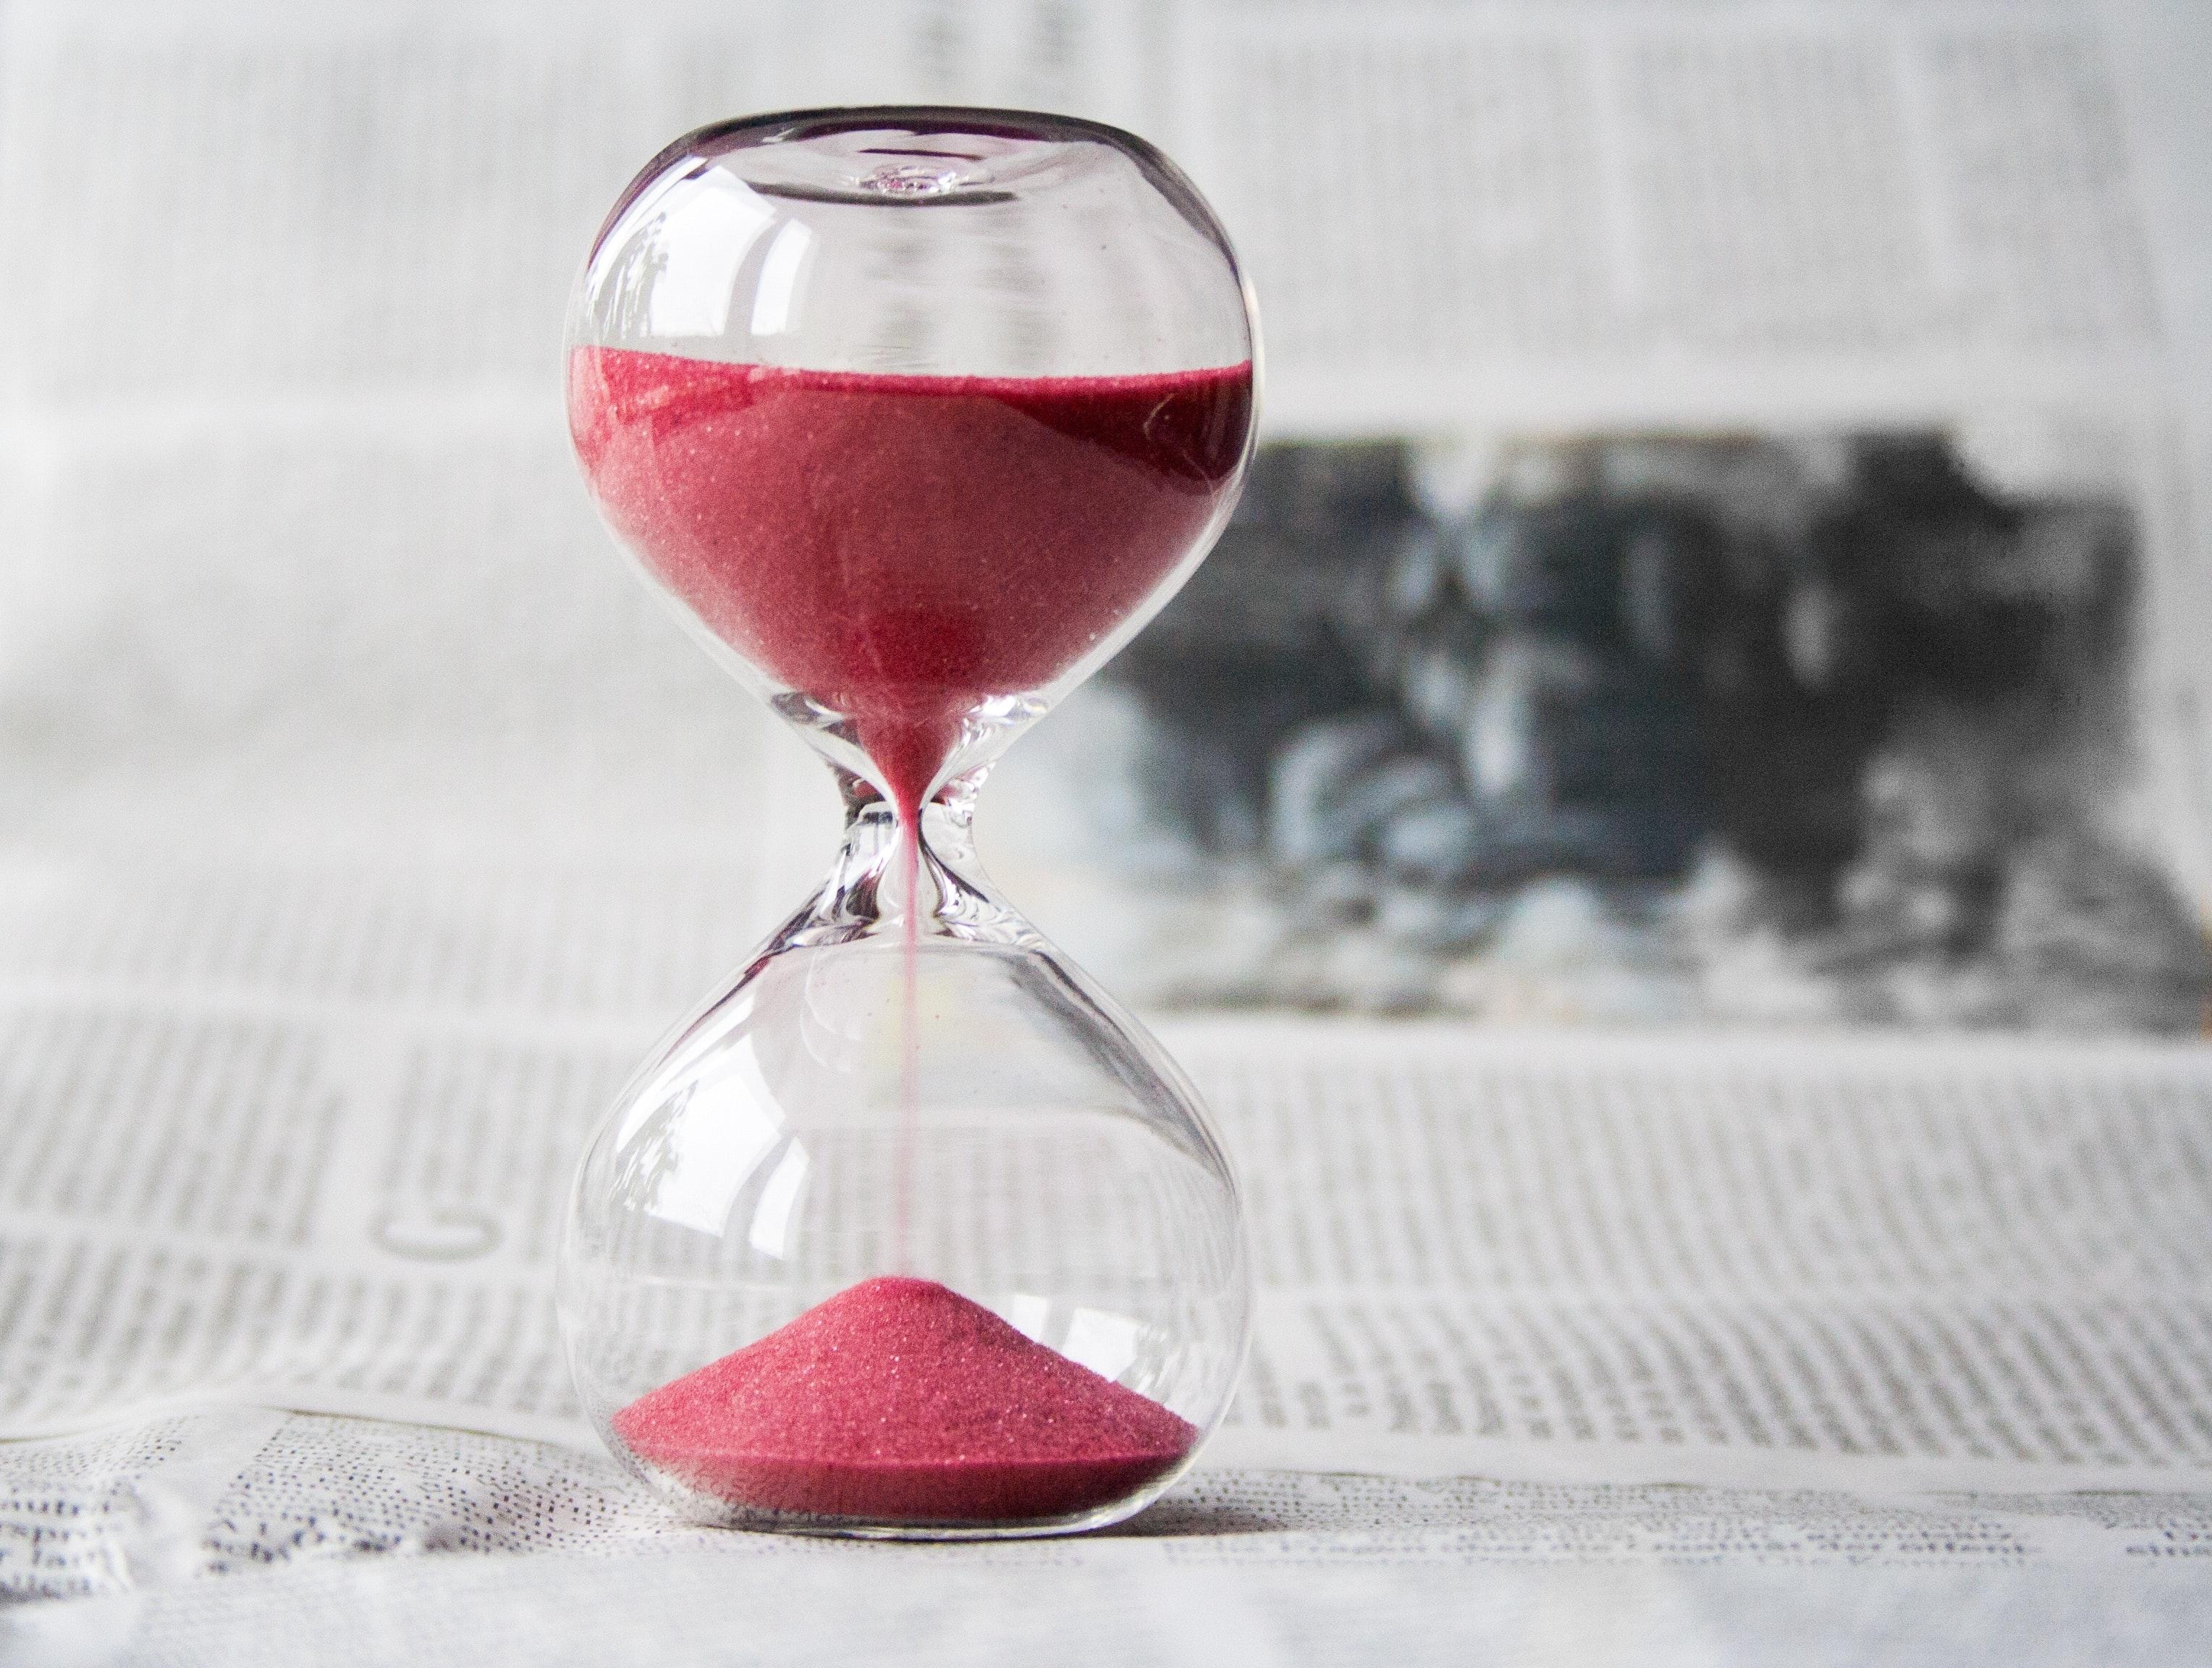 כל כמה זמן לעדכן את הבלוג?